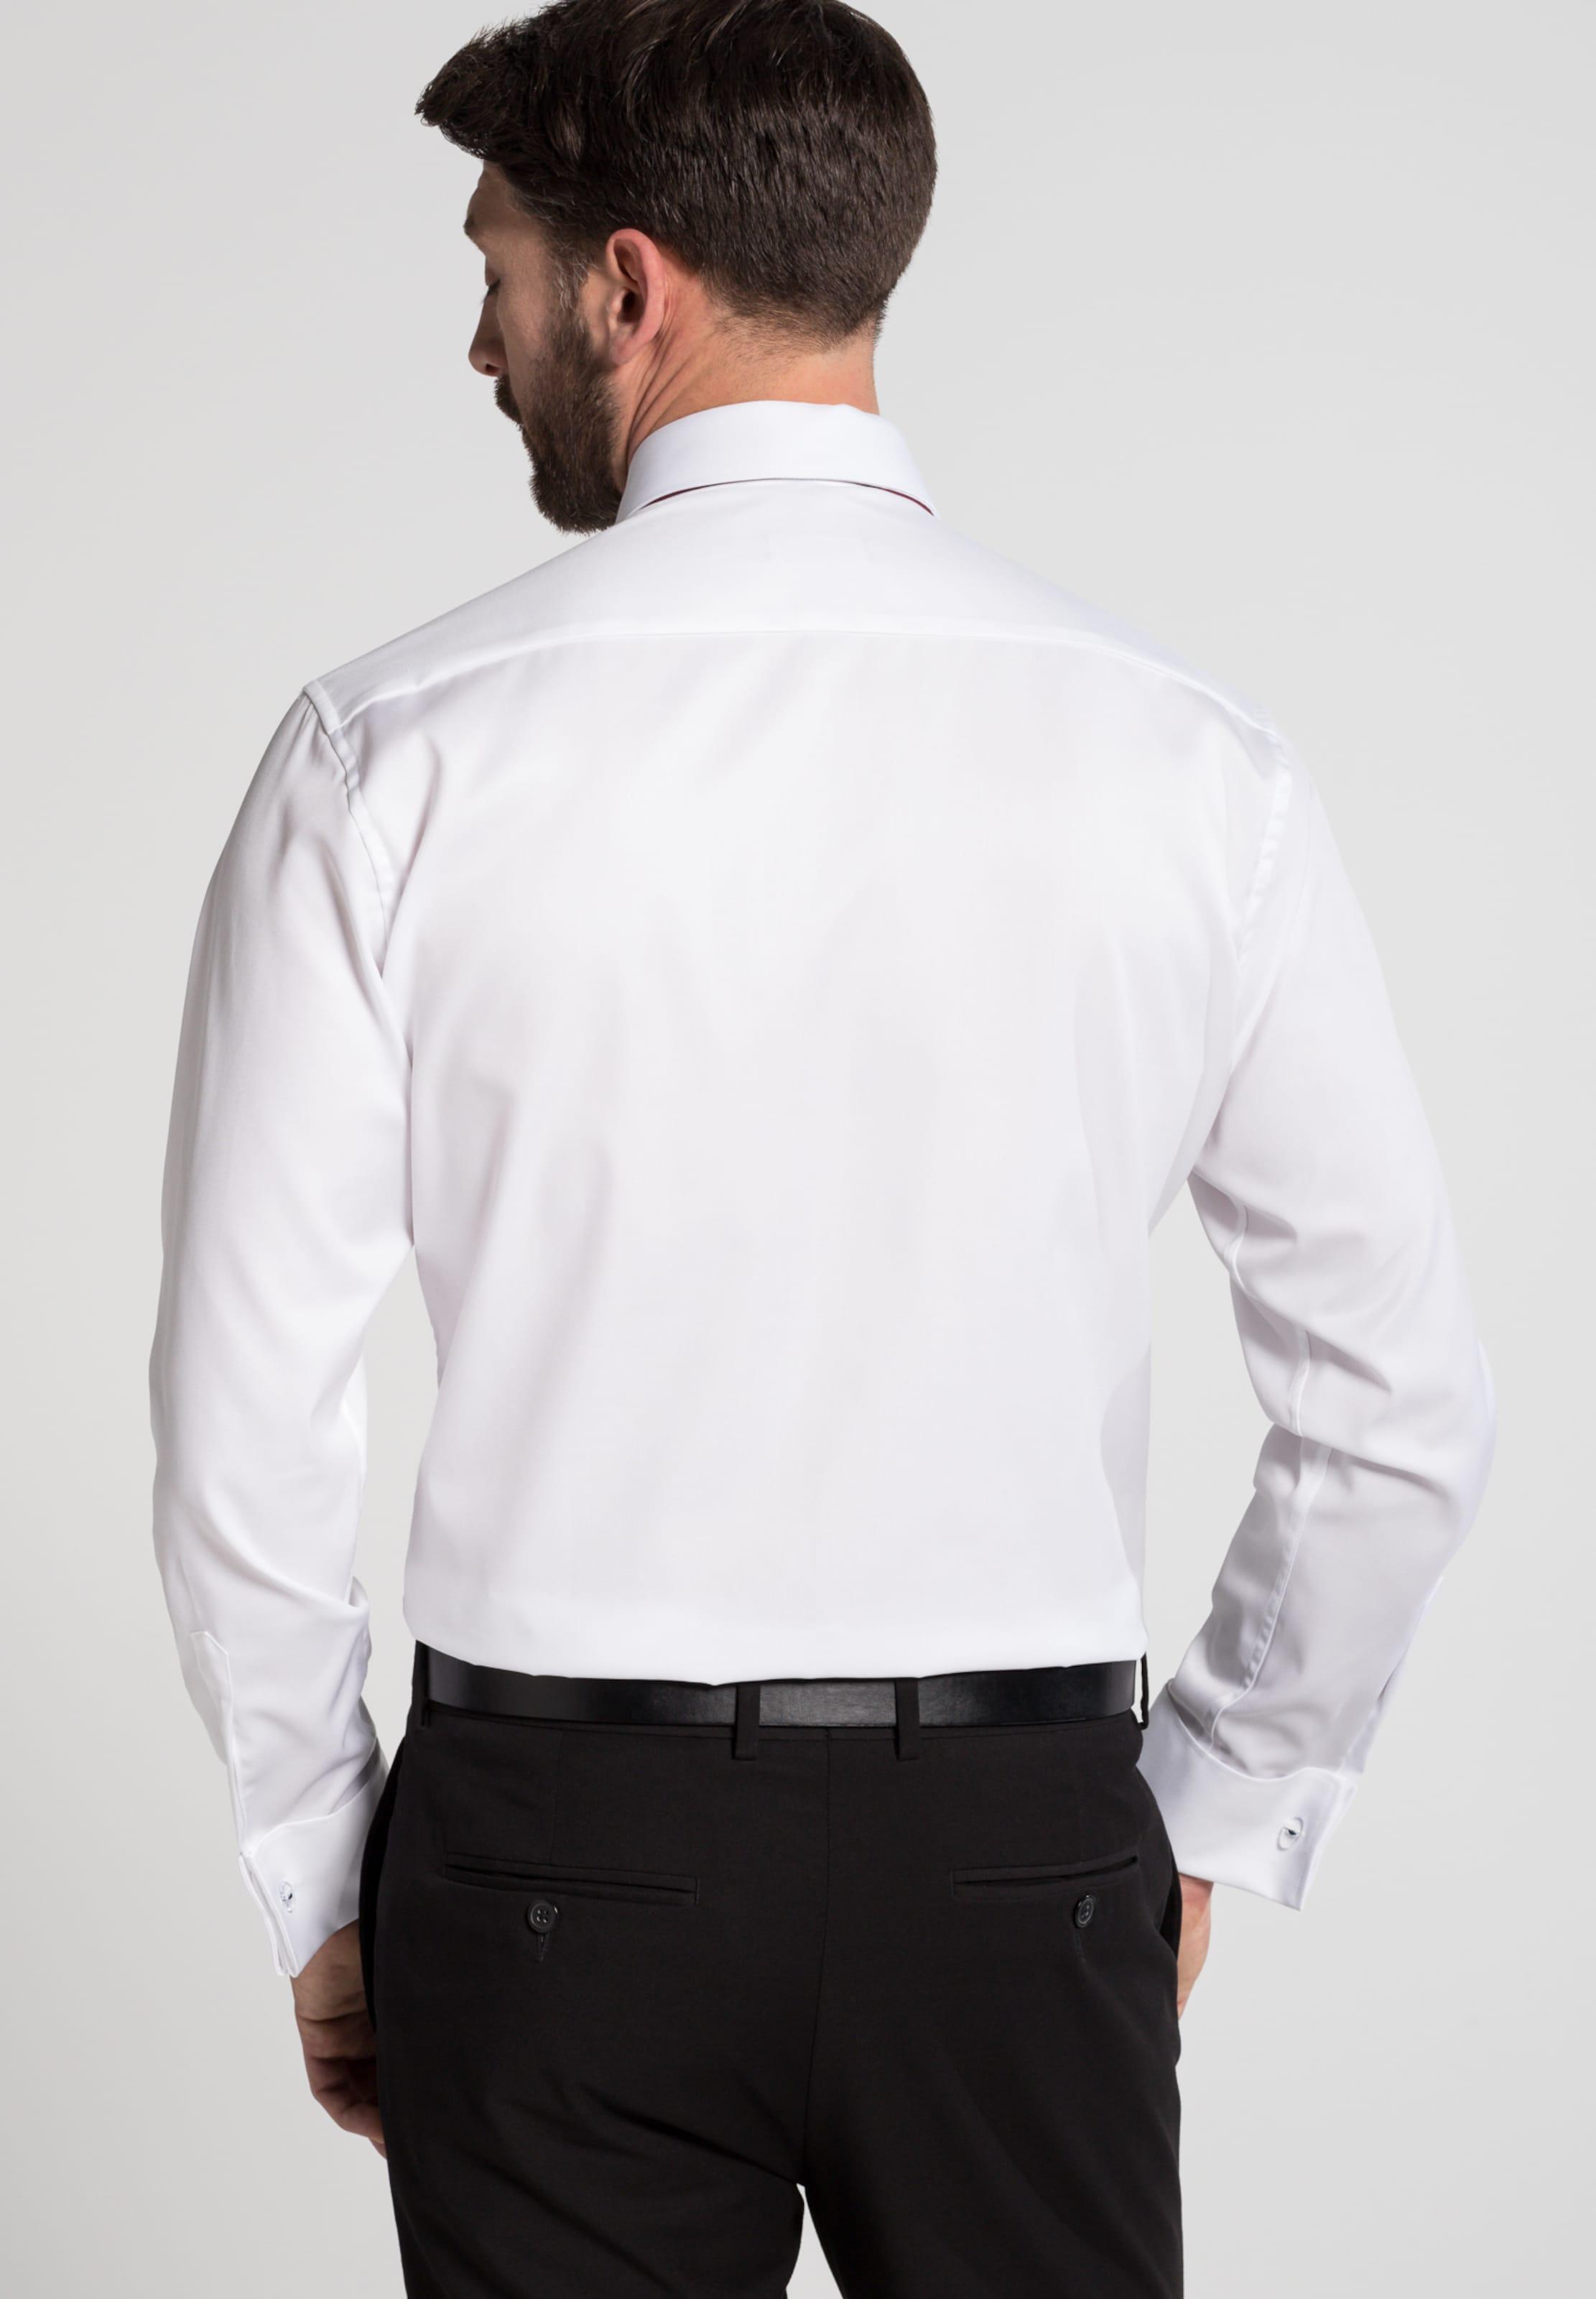 Für Schöne Online Footlocker Günstig Online ETERNA Langarm Hemd MODERN FIT Auslass Browse Spielraum Große Überraschung Verkauf Fabrikverkauf SEYOhly8n